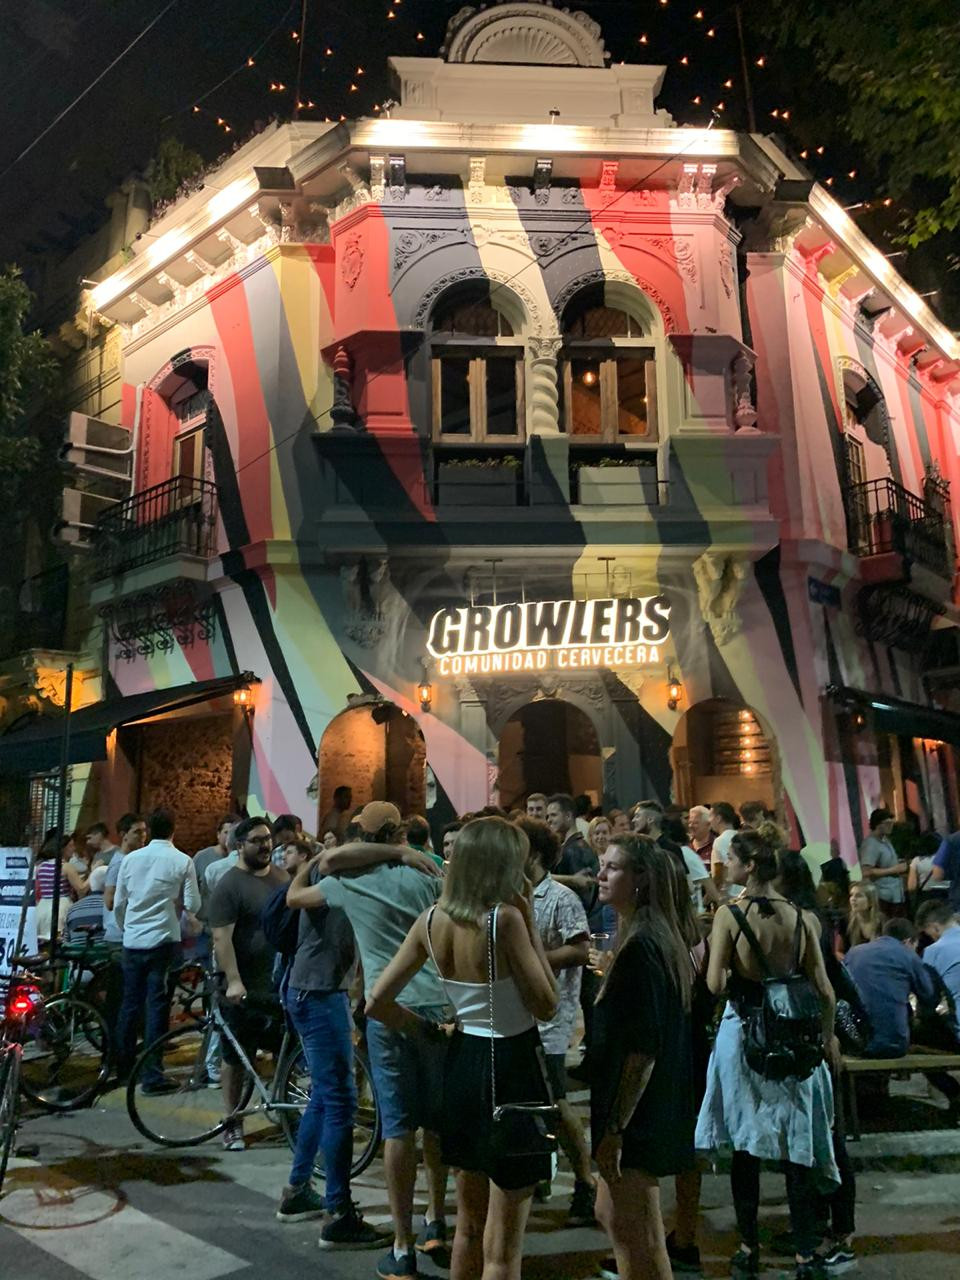 nuevo local de la cerveceria Growlers en Belgrano